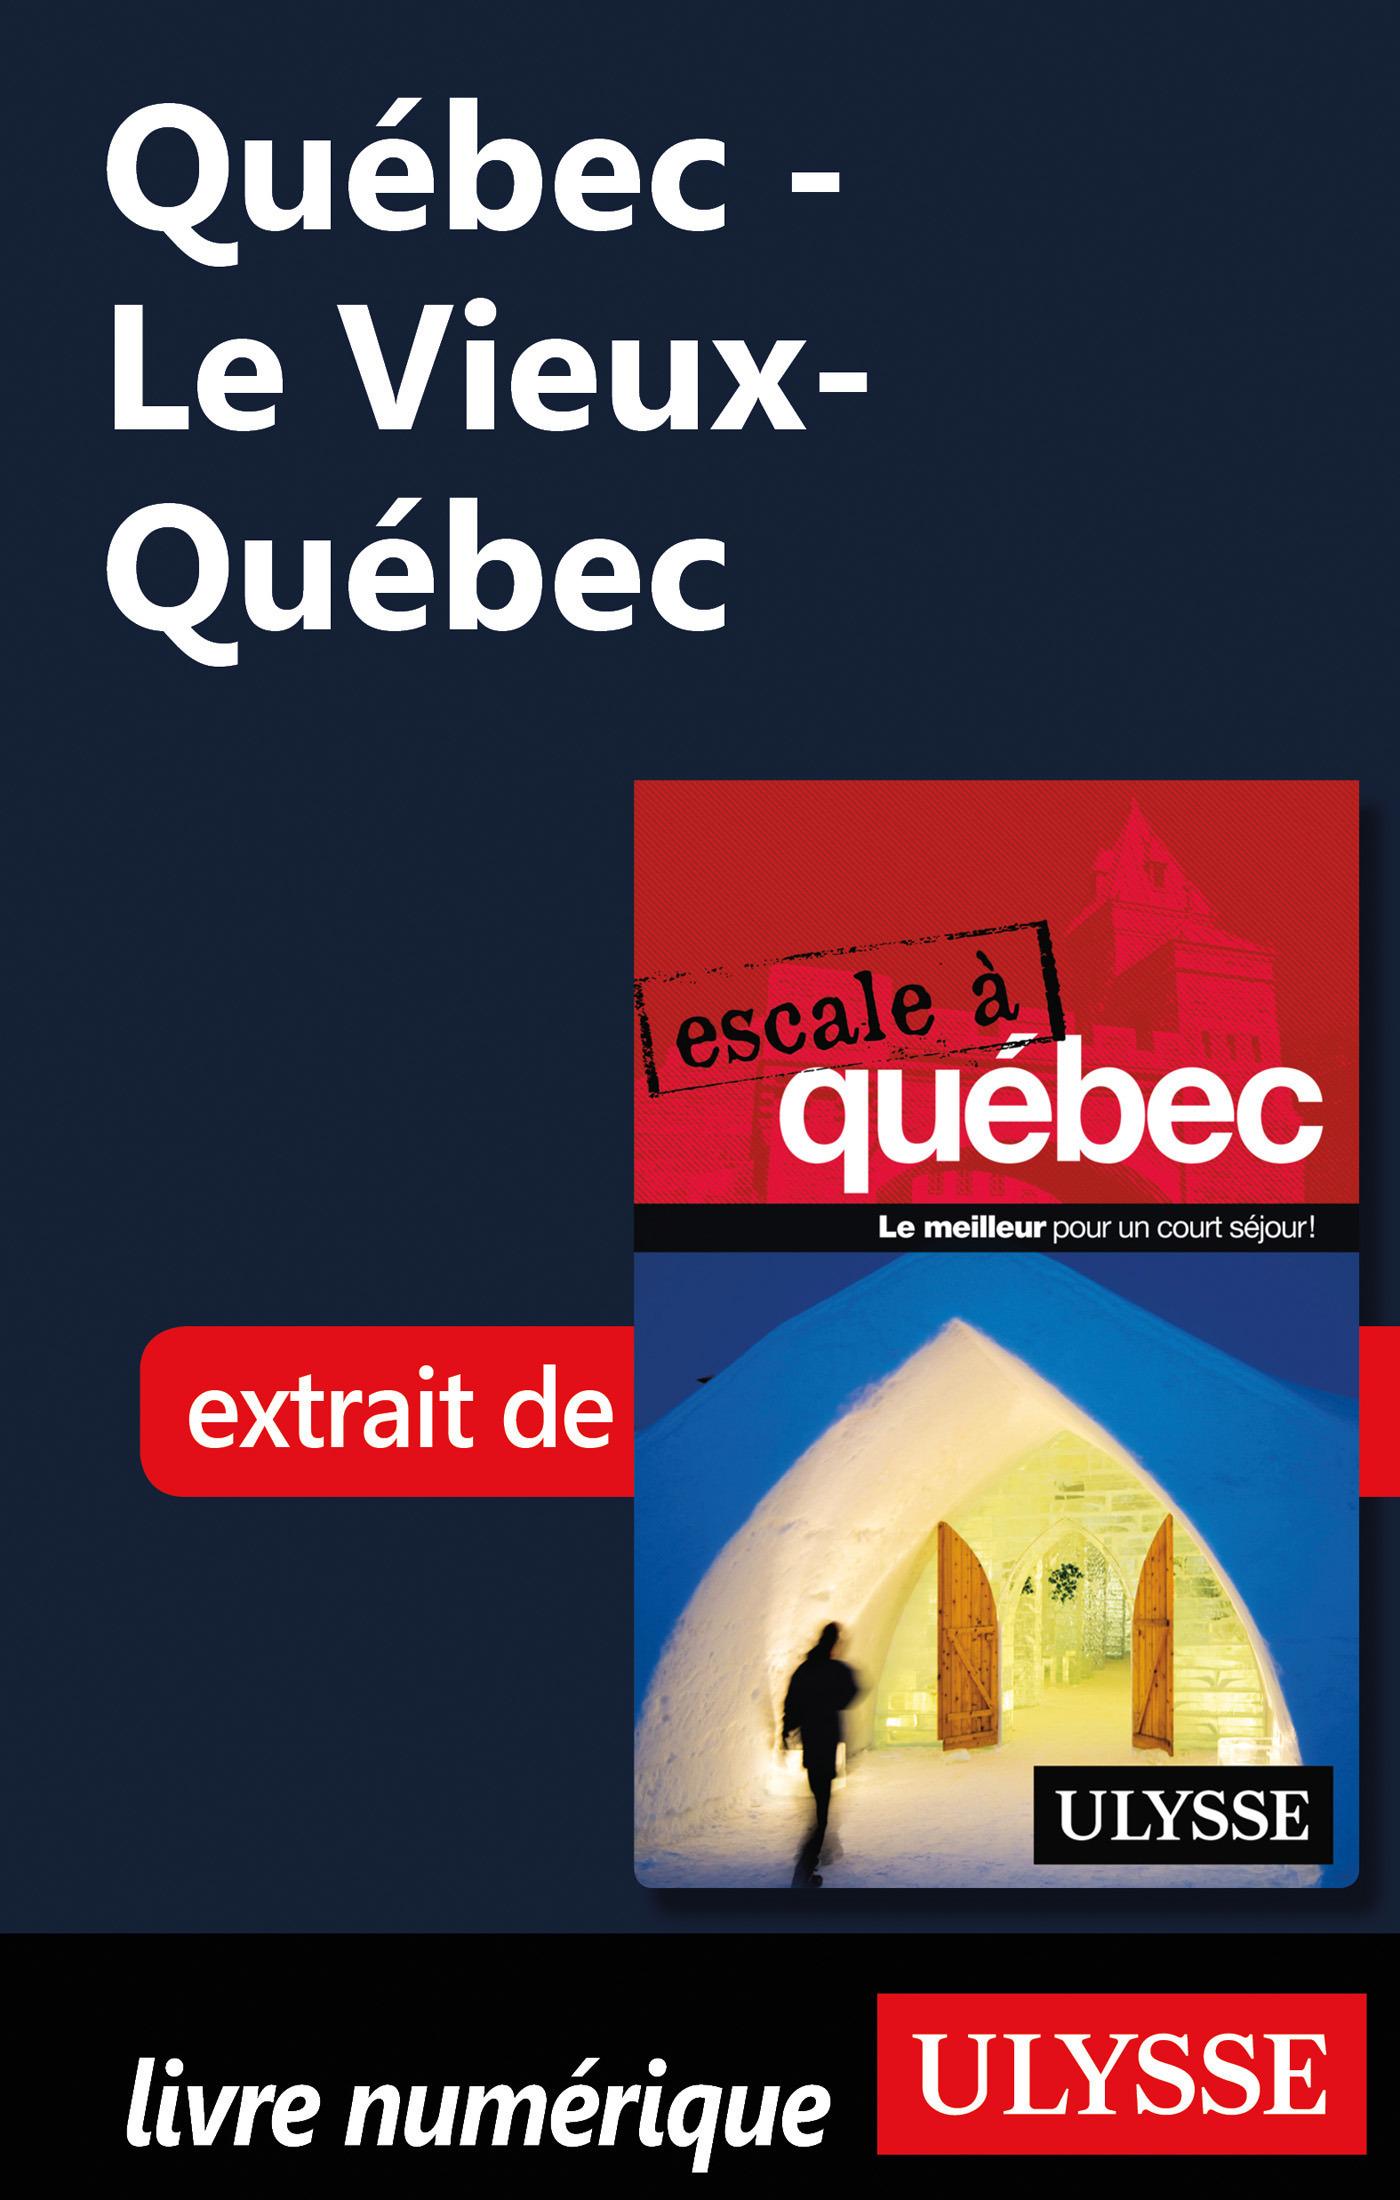 Québec - Le Vieux-Québec